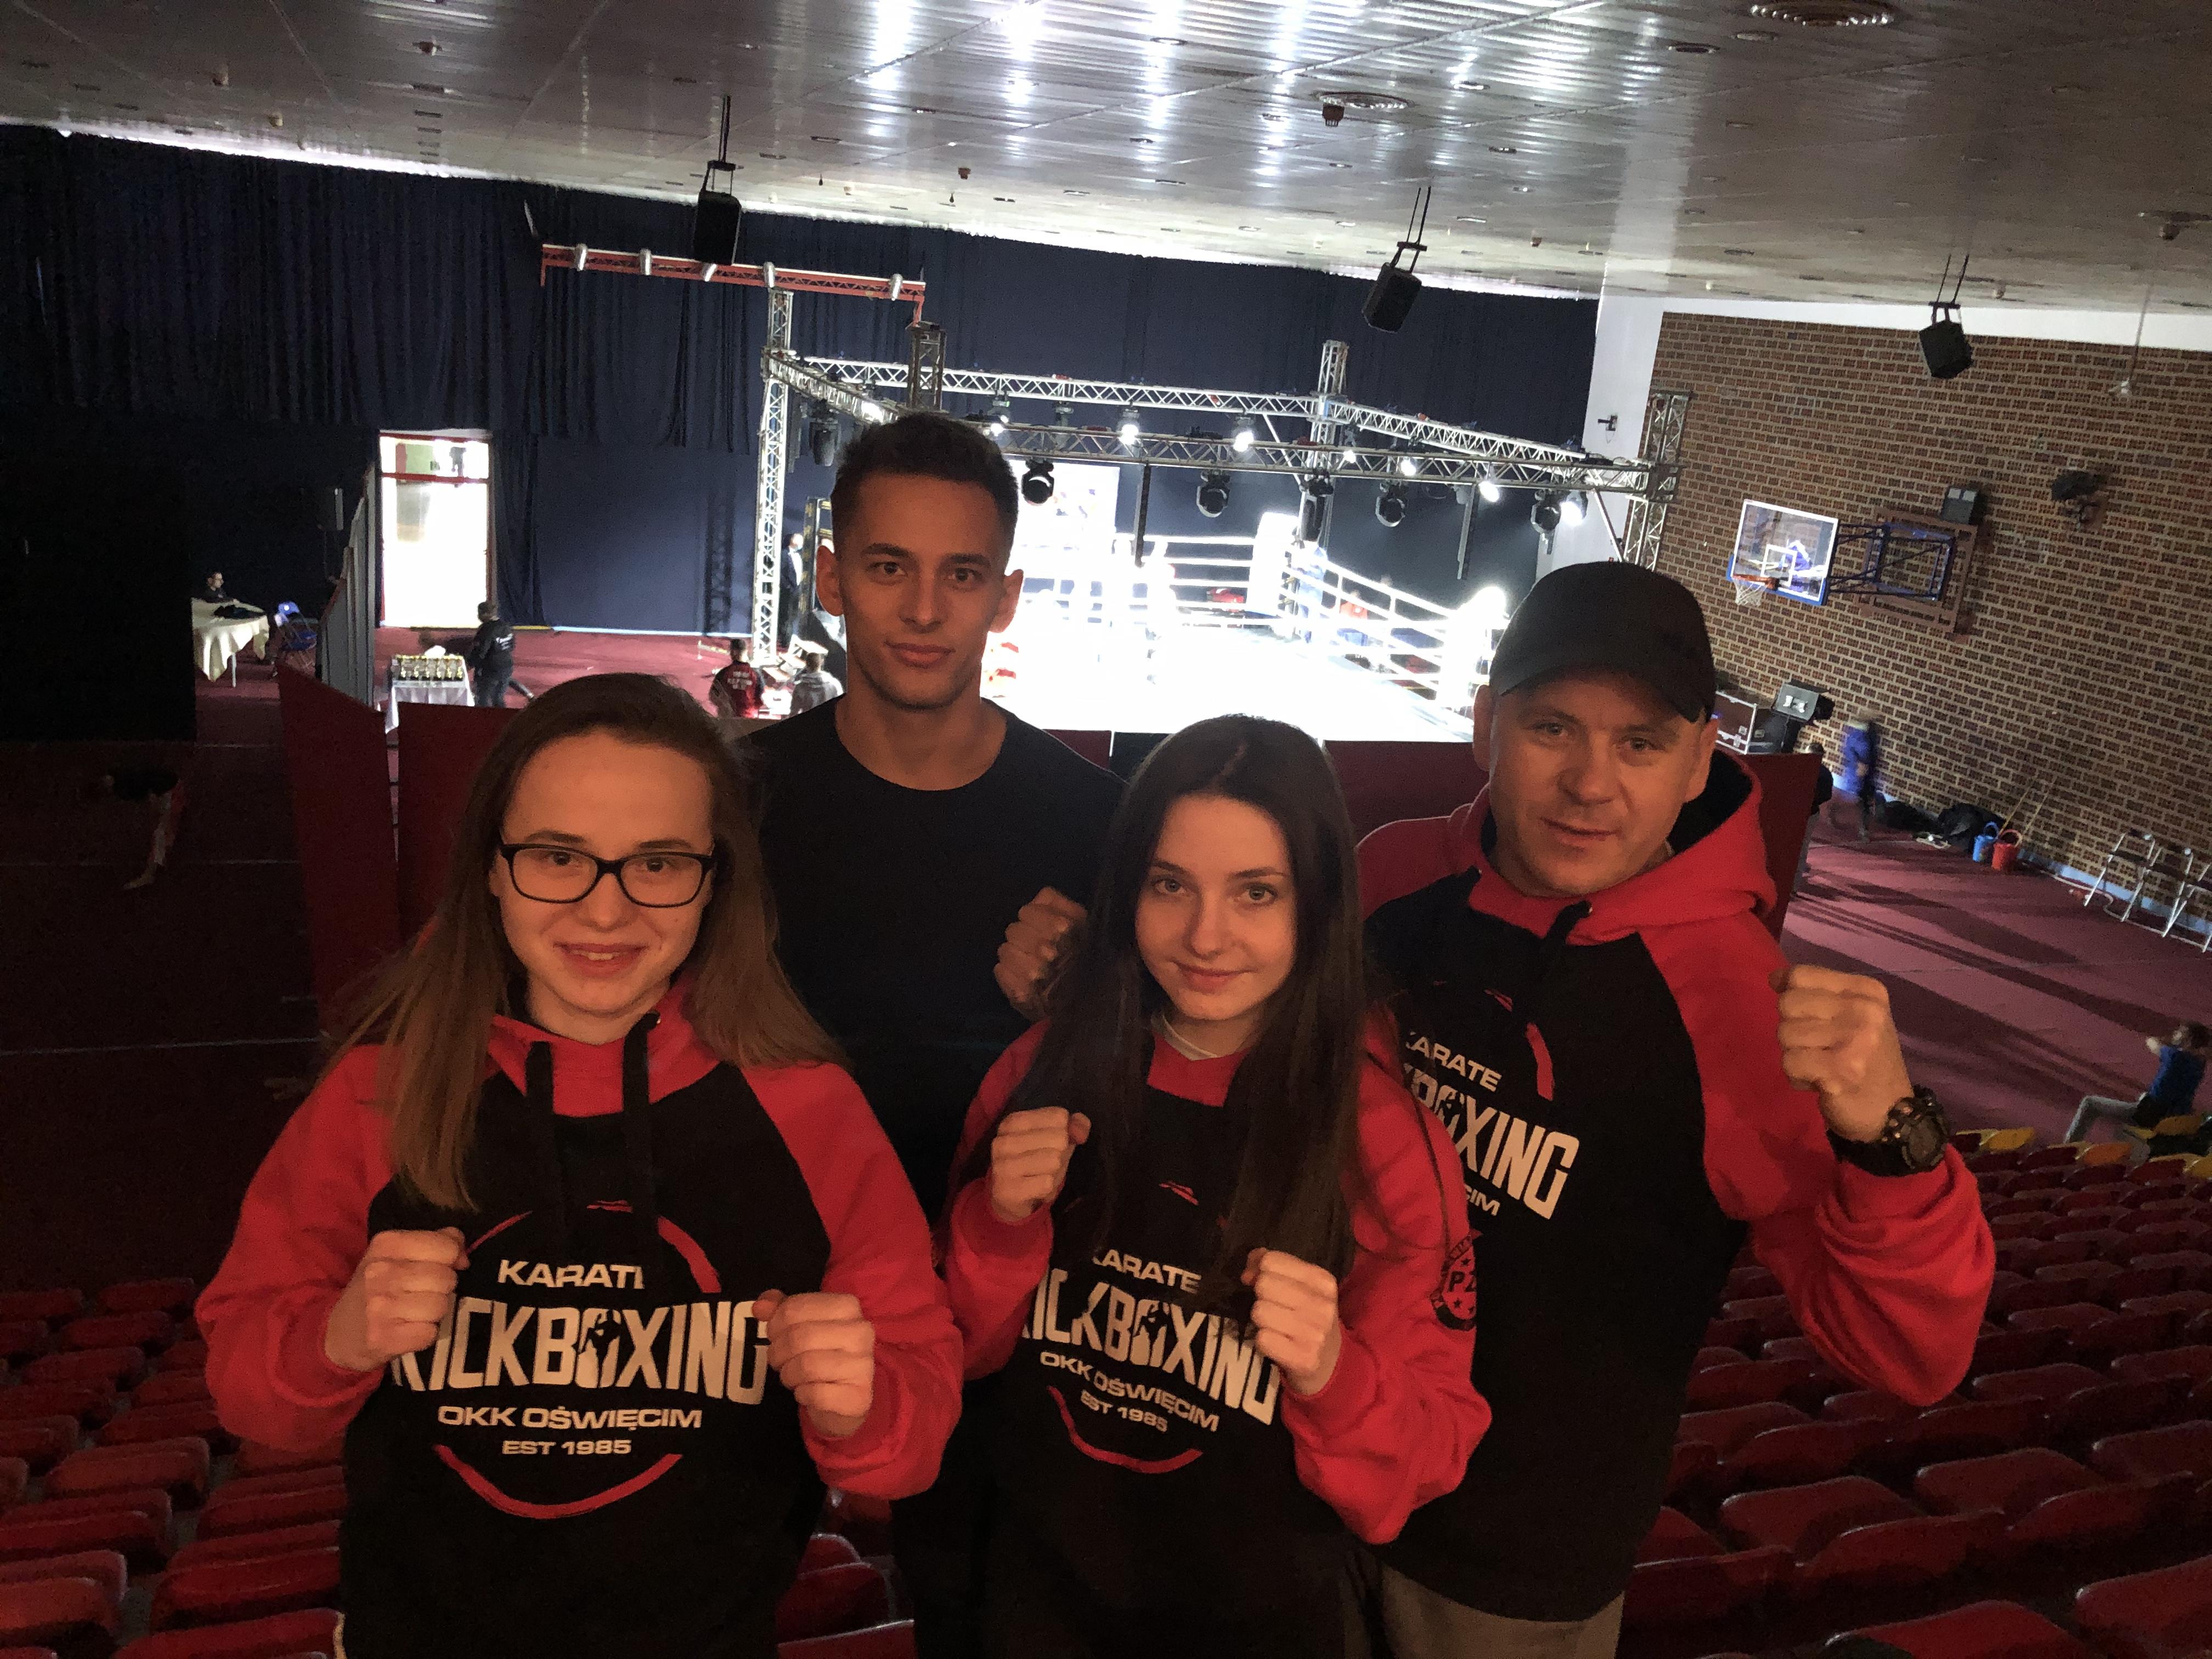 Młodzi oświęcimscy kick-boxerzy wrócili z młodzieżowych mistrzostw Polski w Kaliszu z kompletem medali. Fot. zbiory OKK/nadesłane